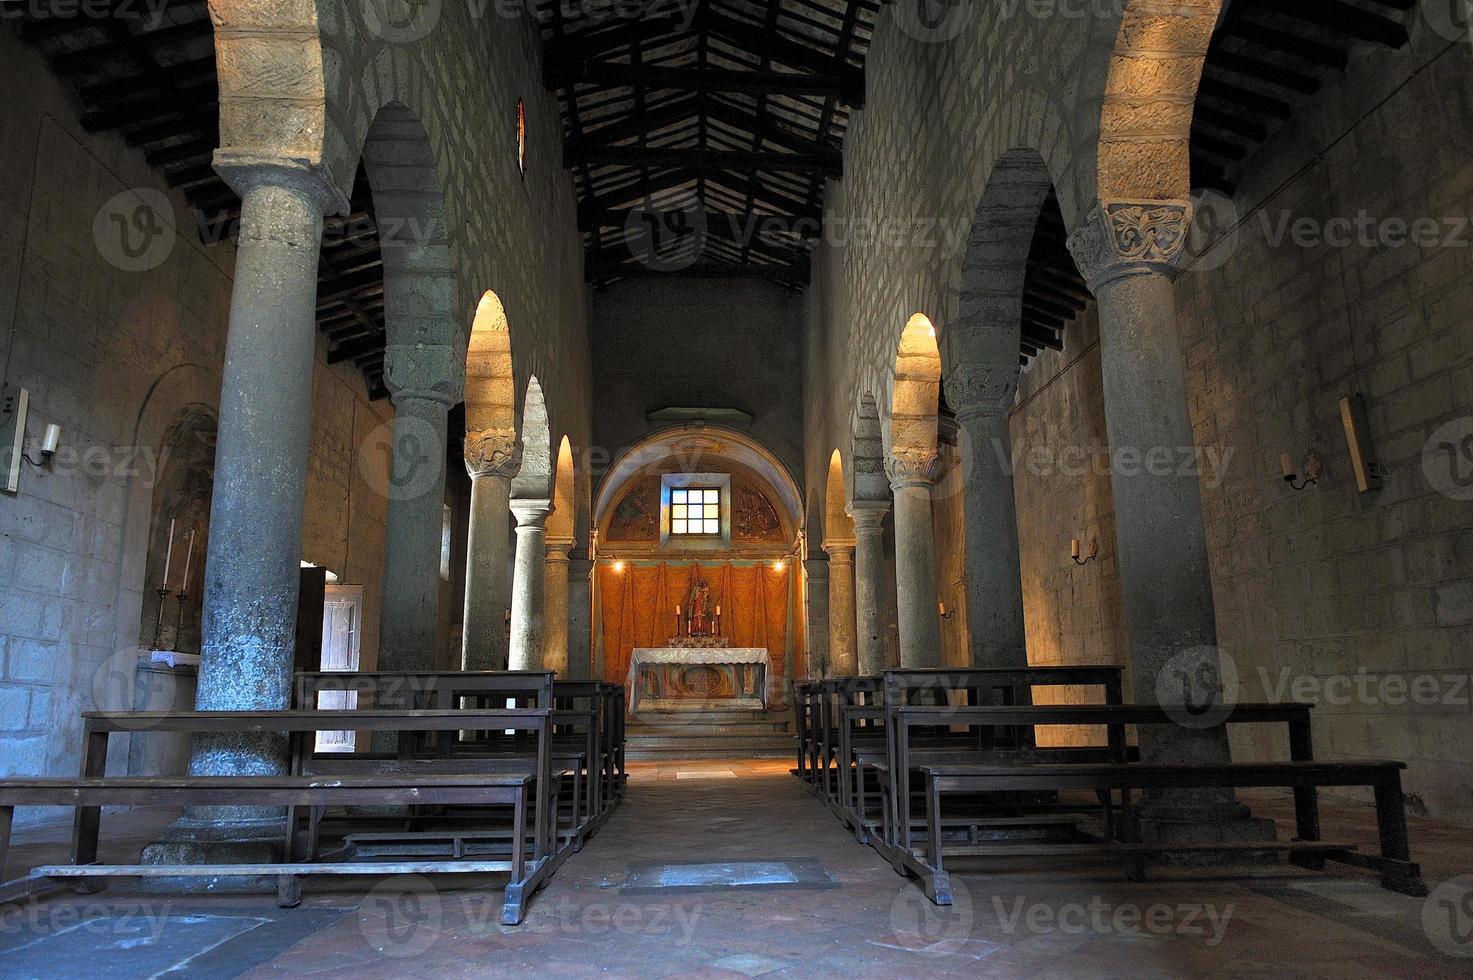 antica chiesa al coperto foto